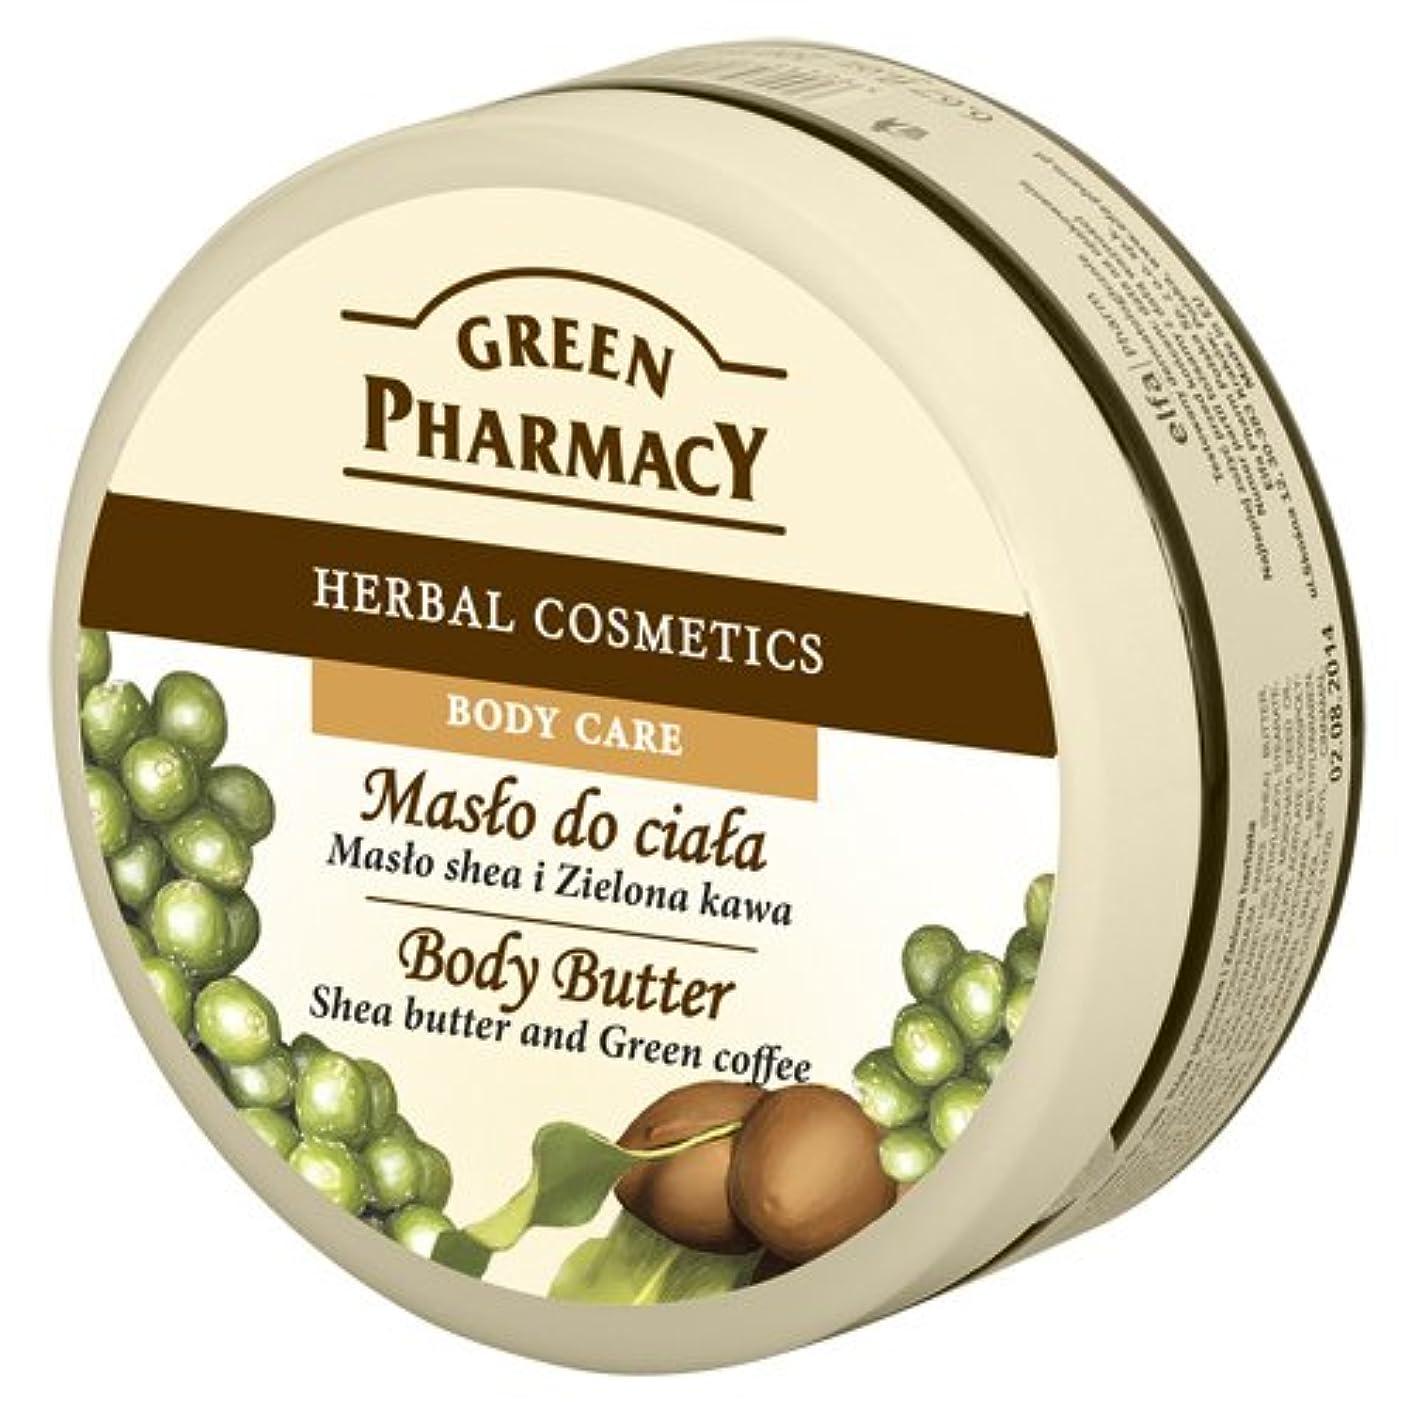 にロードブロッキングリムElfa Pharm Green Pharmacy グリーンファーマシー Body Butter ボディバター Shea Butter and Green Coffee